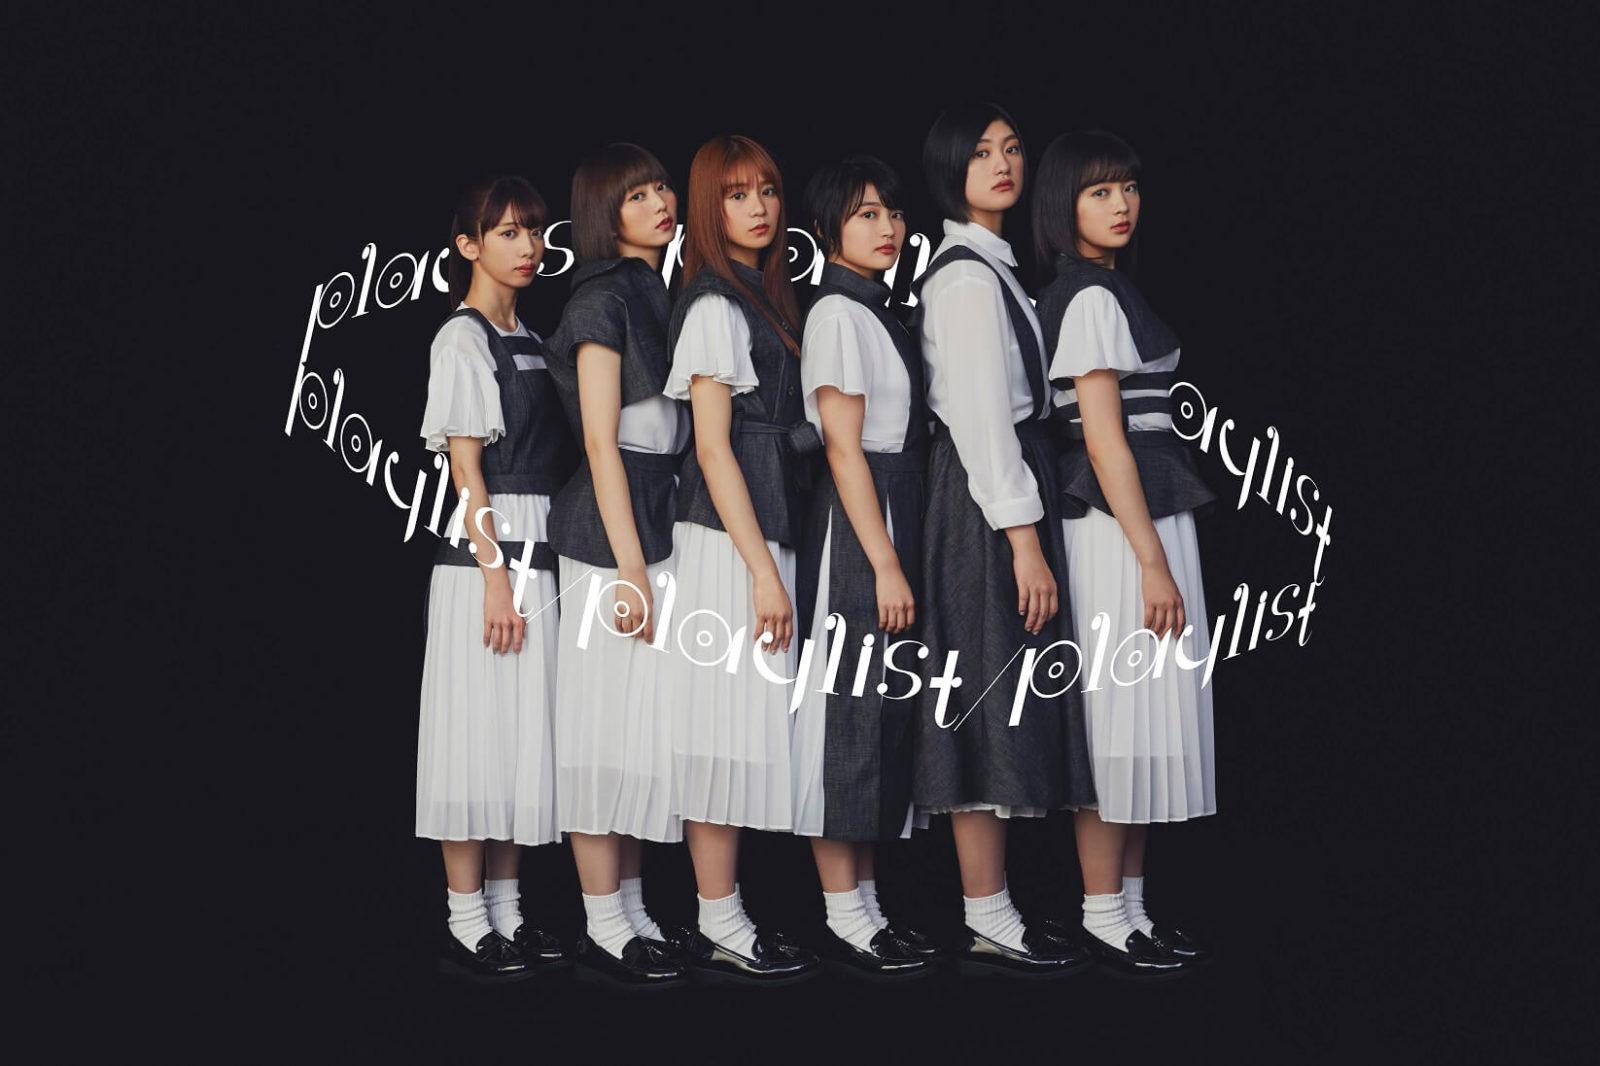 私立恵比寿中学、新曲「ジャンプ」MVが12月3日公開サムネイル画像